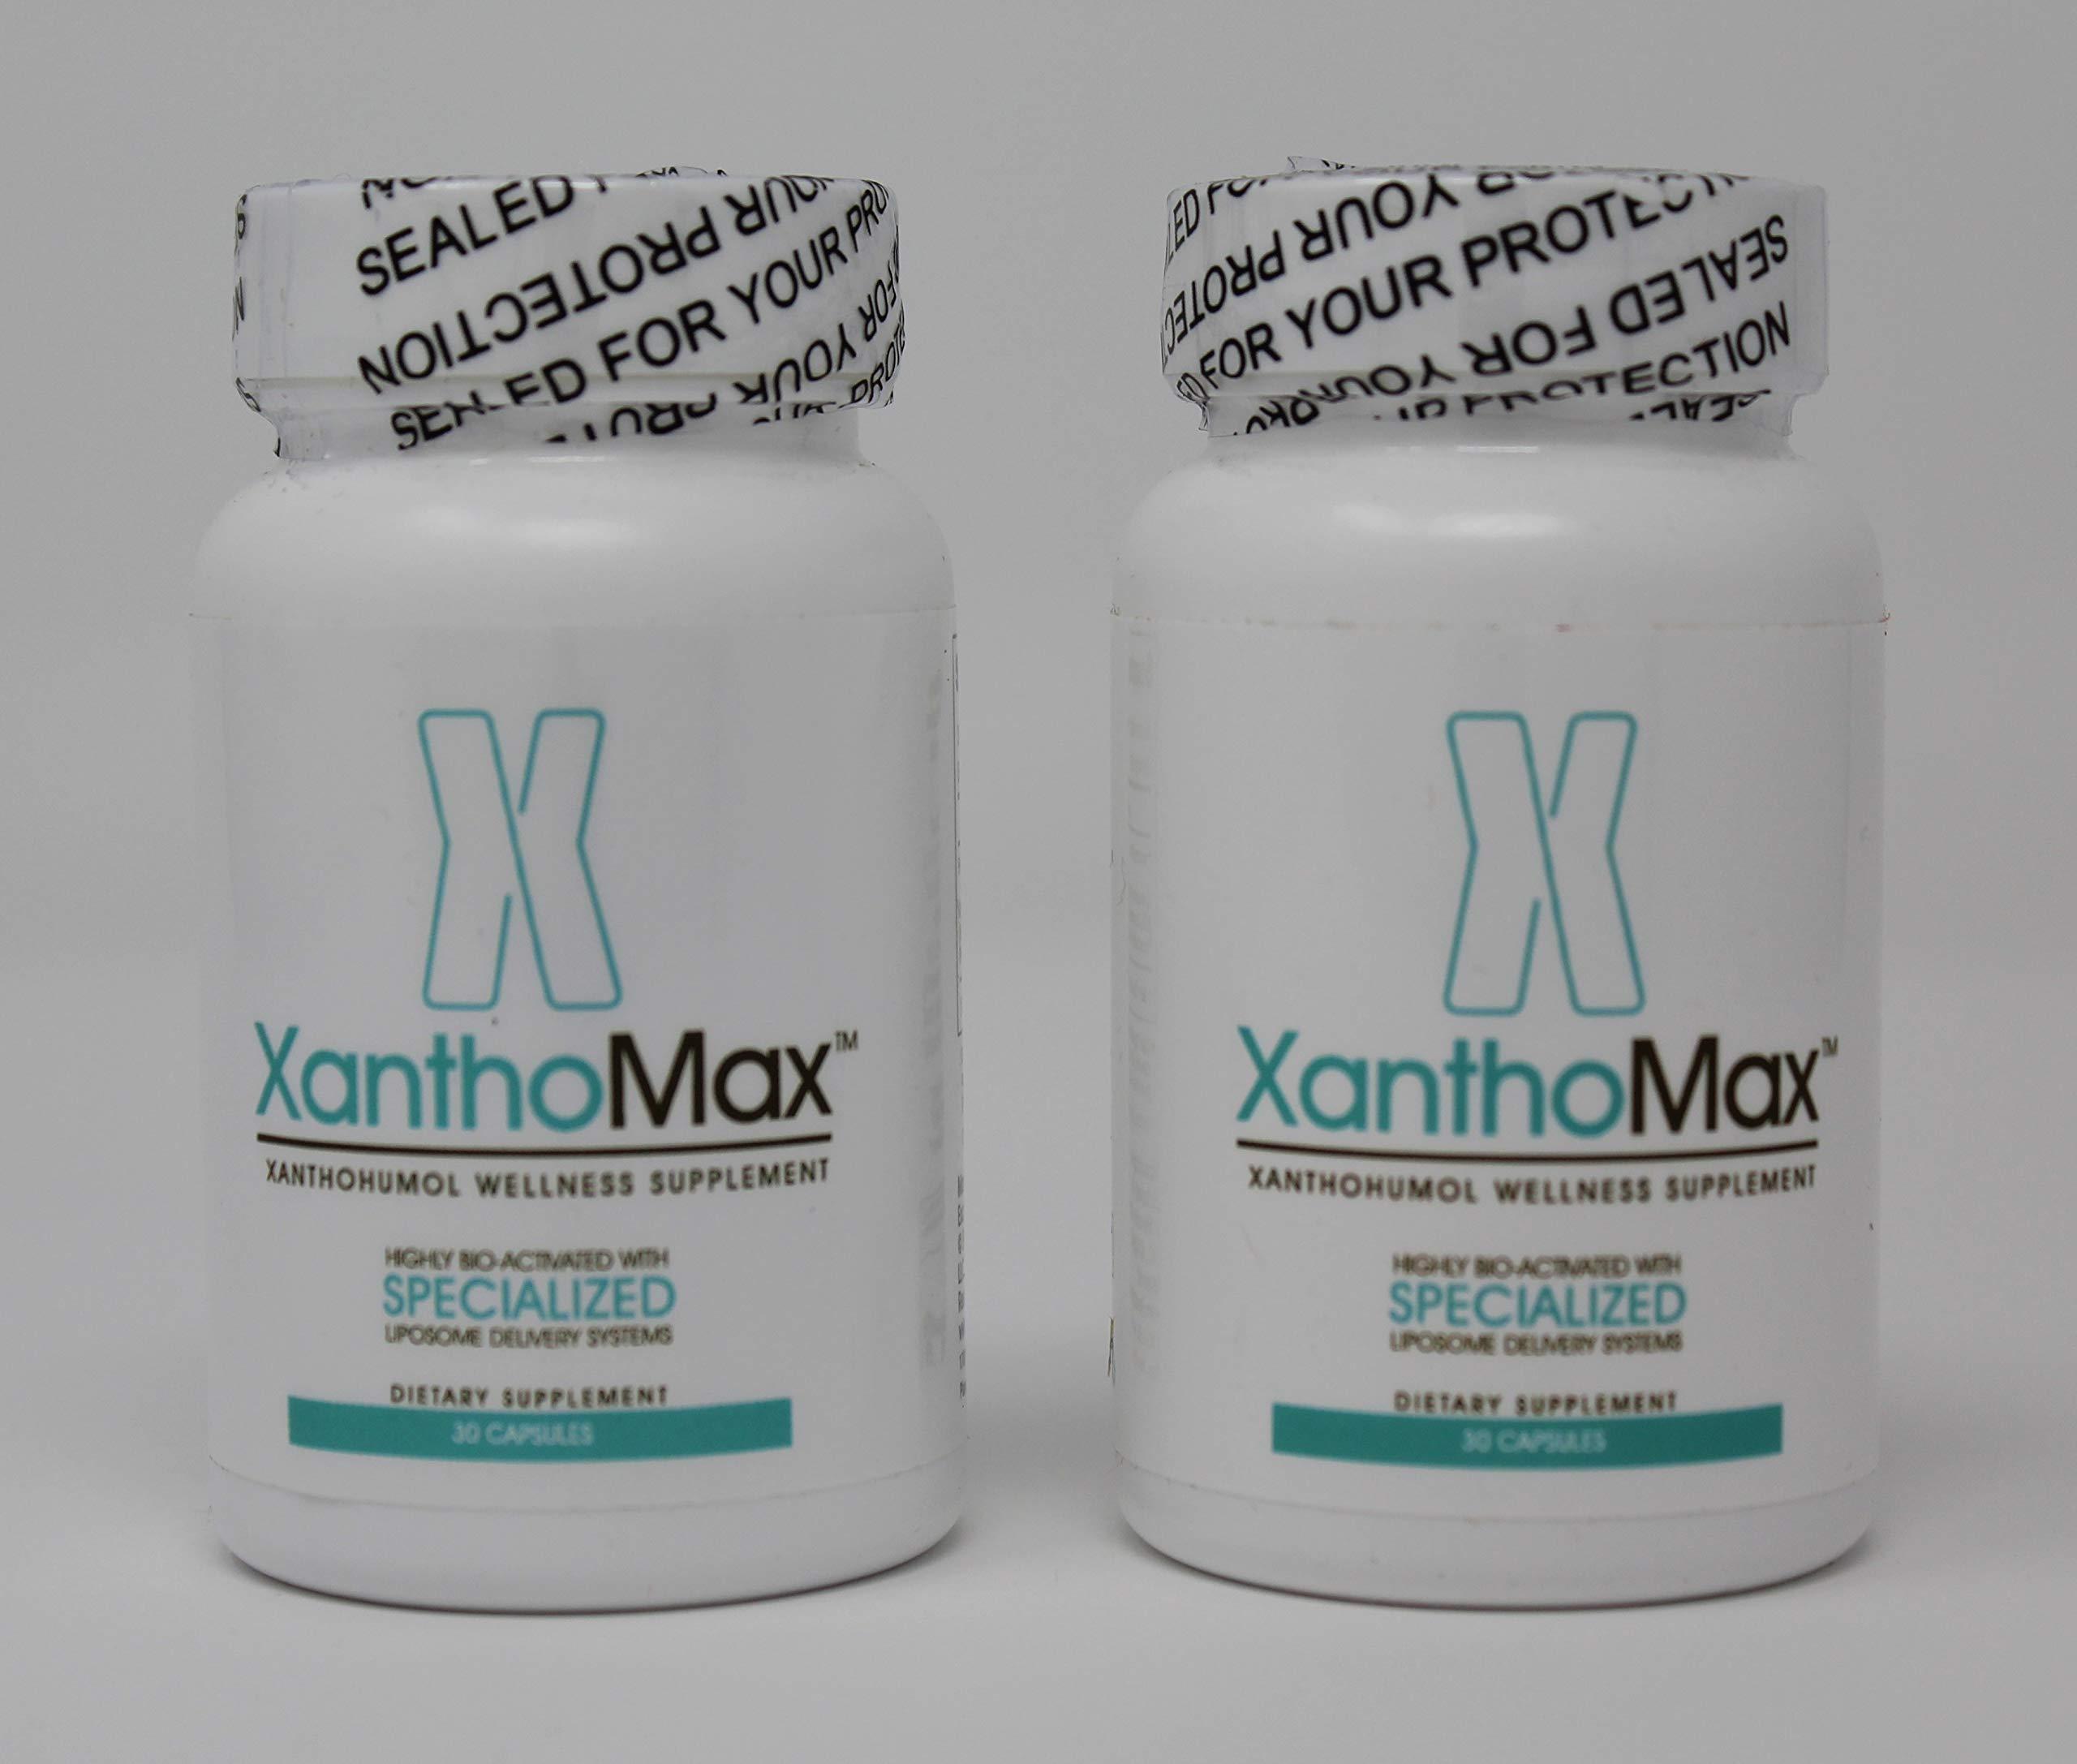 Xanthomax 30 caps (2 Bottles of 30 caps)